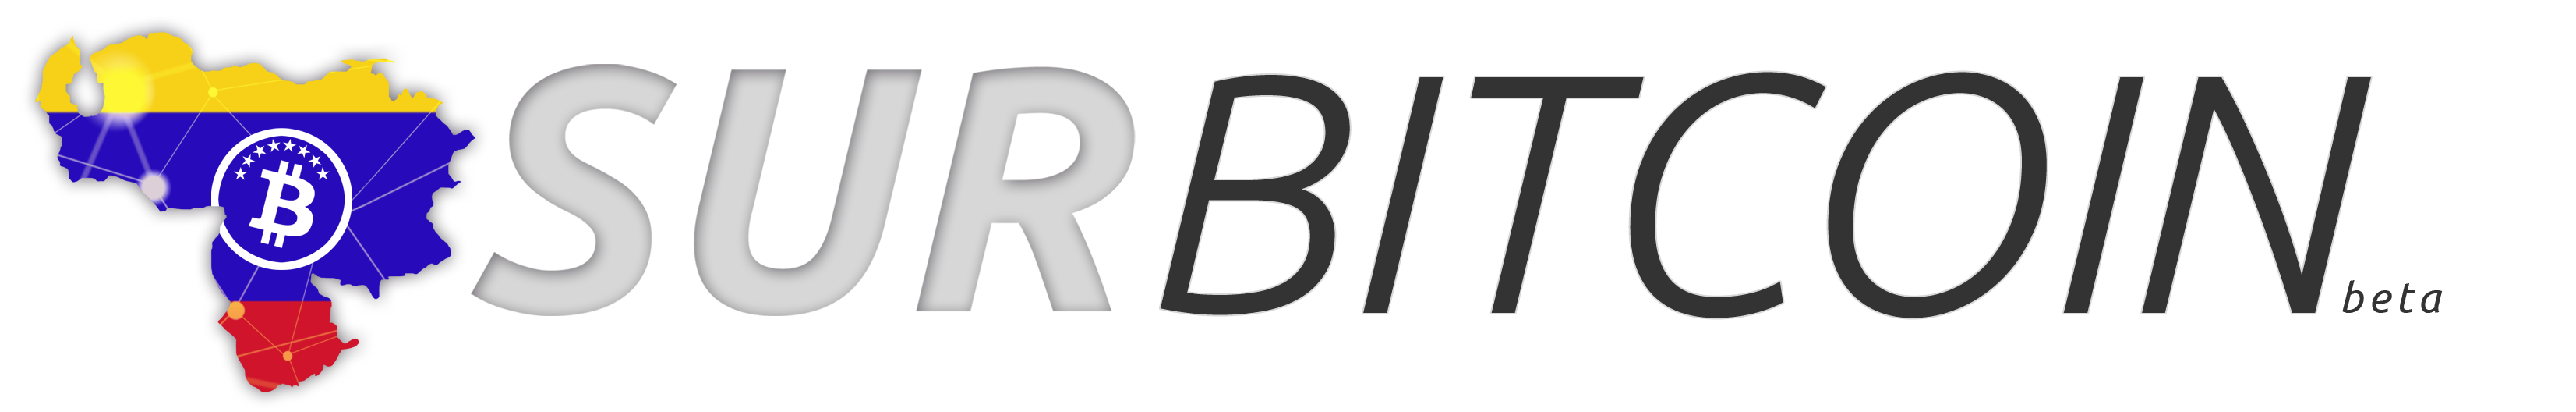 surbitcoin-bitcoinist